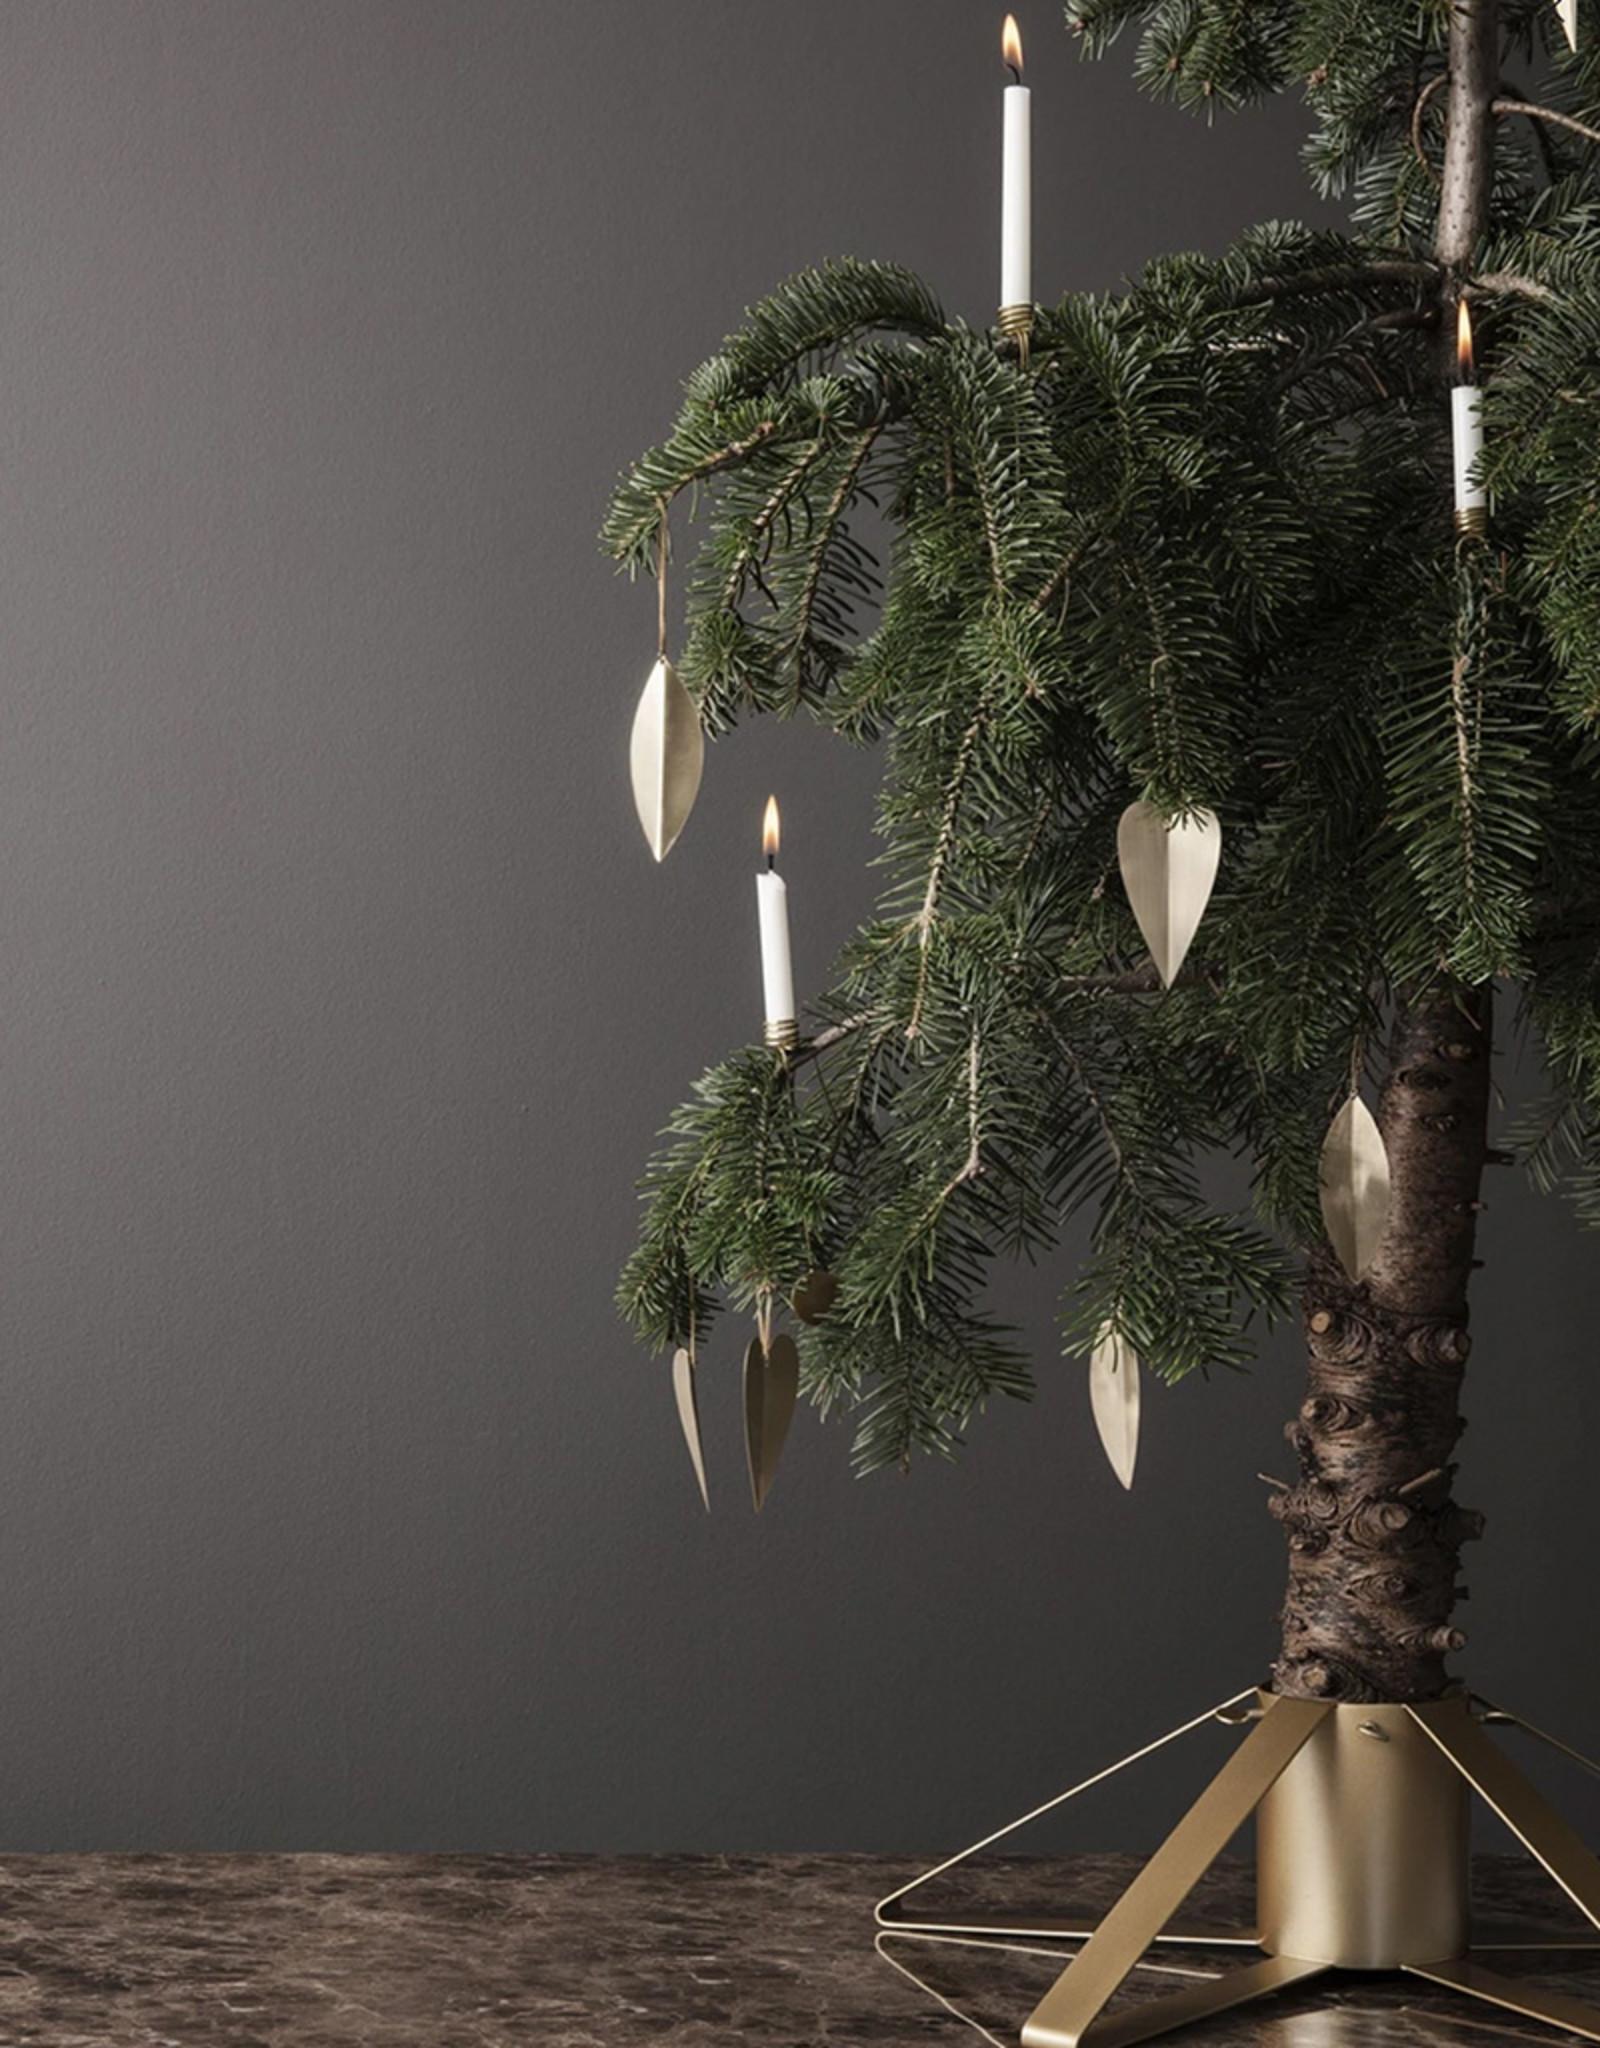 FERM LIVING FERM LIVING Christmas Tree Foot - Brass